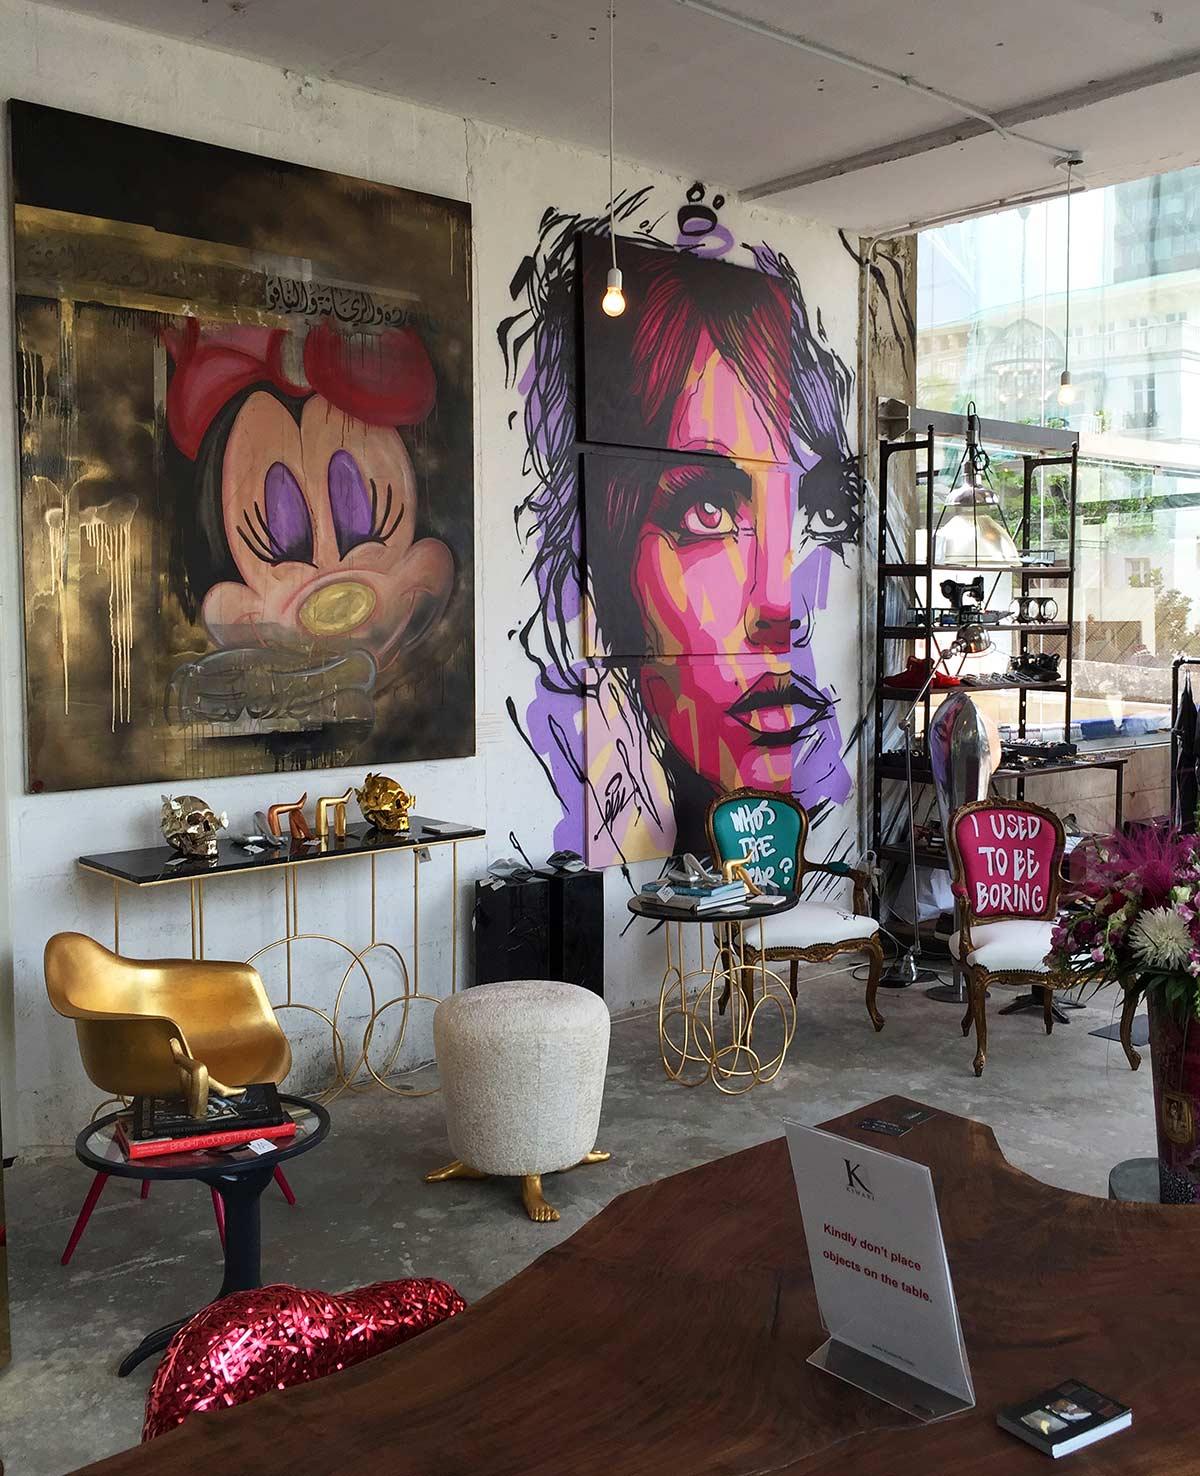 Sista Brown's Pop Up Store Beyrut